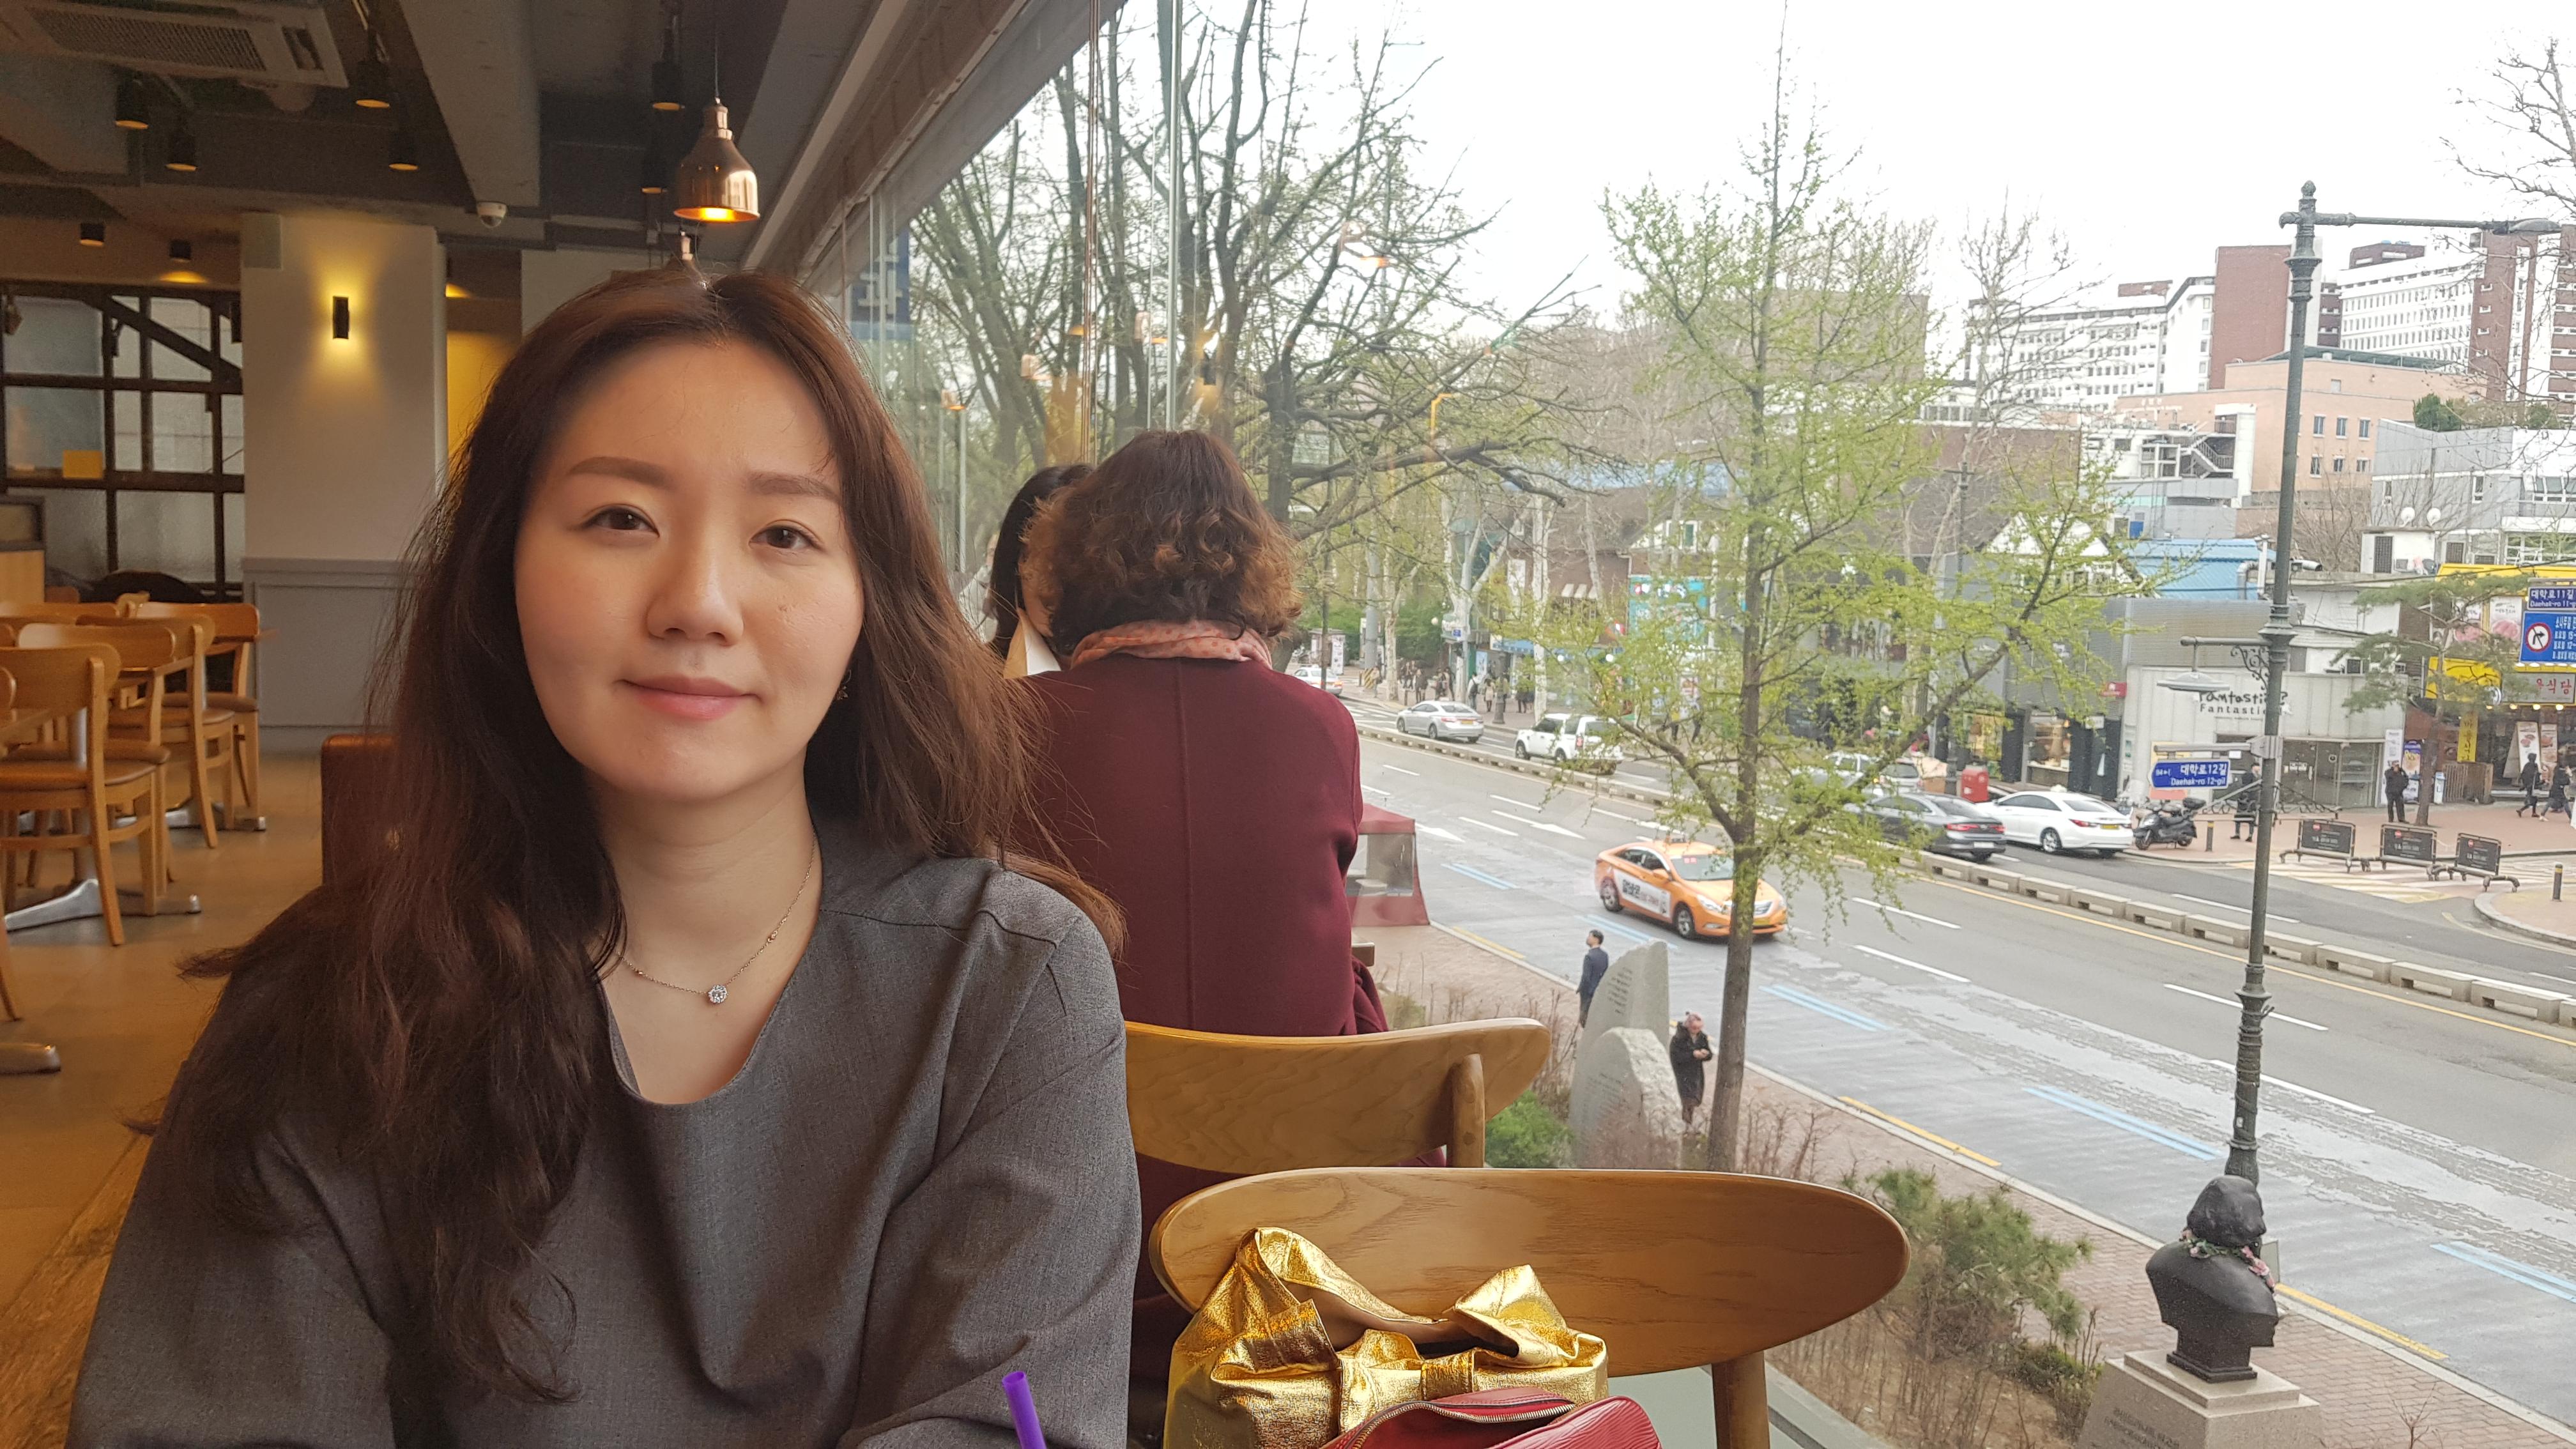 연합뉴스 8년차 이정현 기자 인터뷰